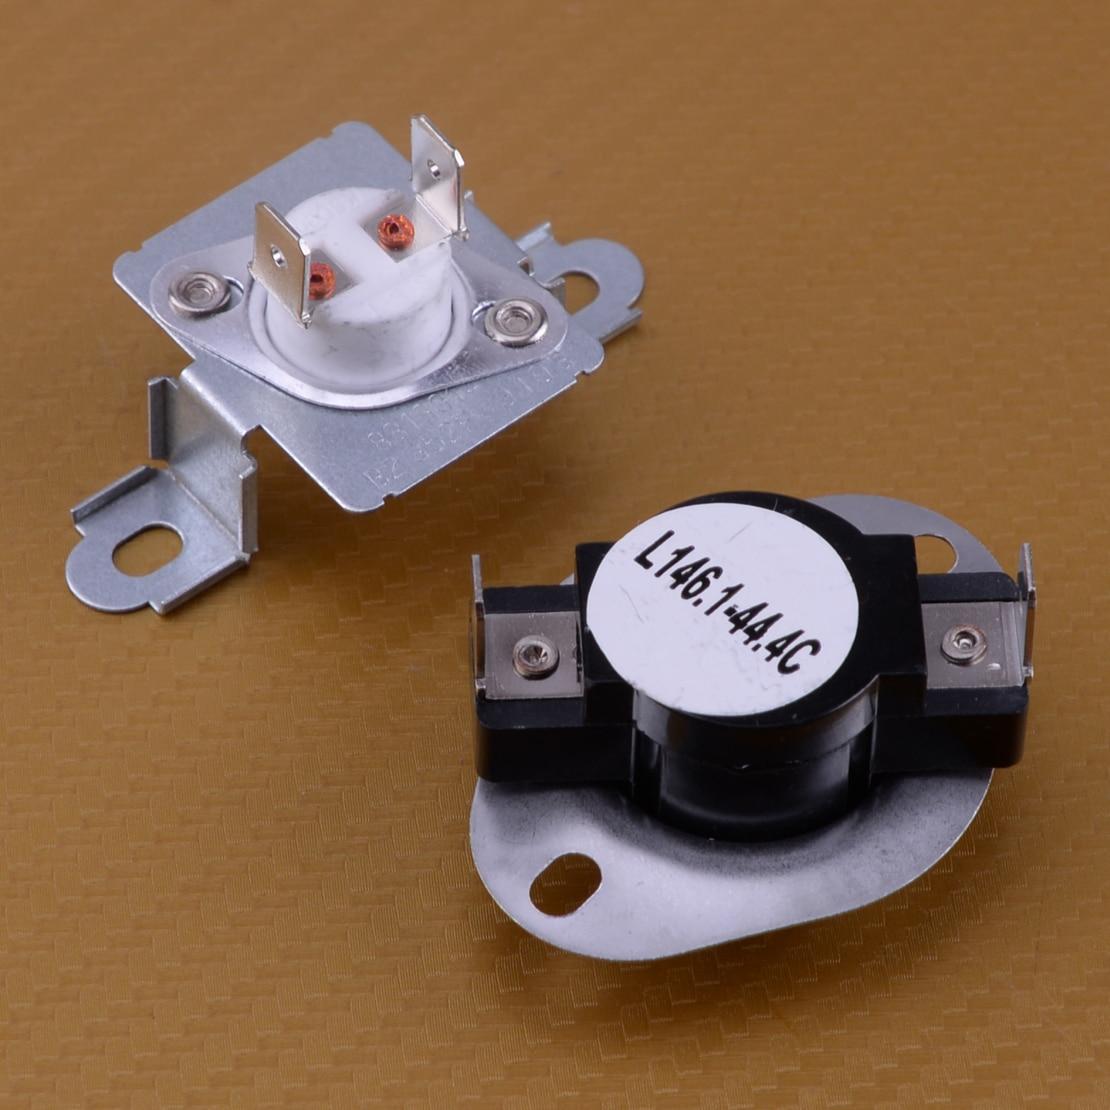 LETAOSK Neue 279973 Trockner Thermische Cut-Off Sicherung Thermostat Kit Fit Für Whirlpool Kenmore Maytag